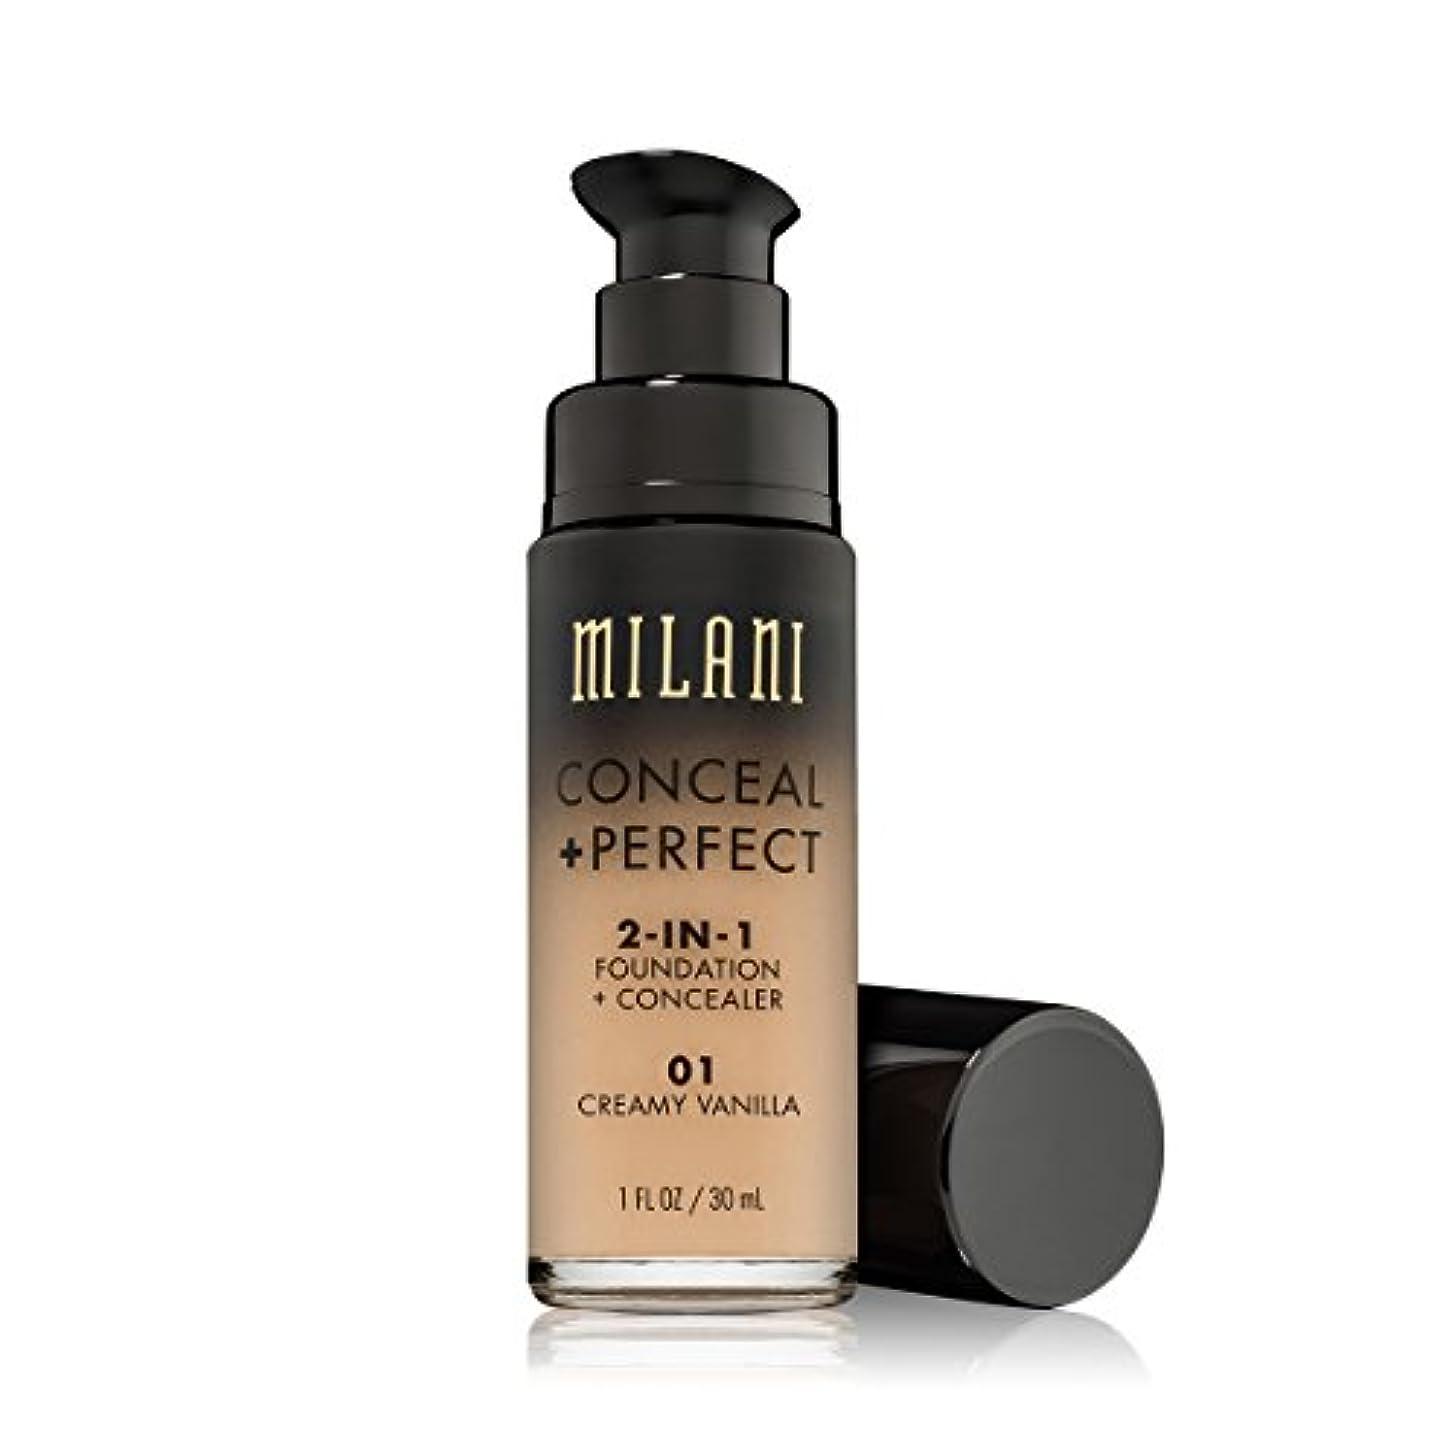 原始的な裏切る喪MILANI Conceal + Perfect 2-In-1 Foundation + Concealer - Creamy Vanilla (並行輸入品)